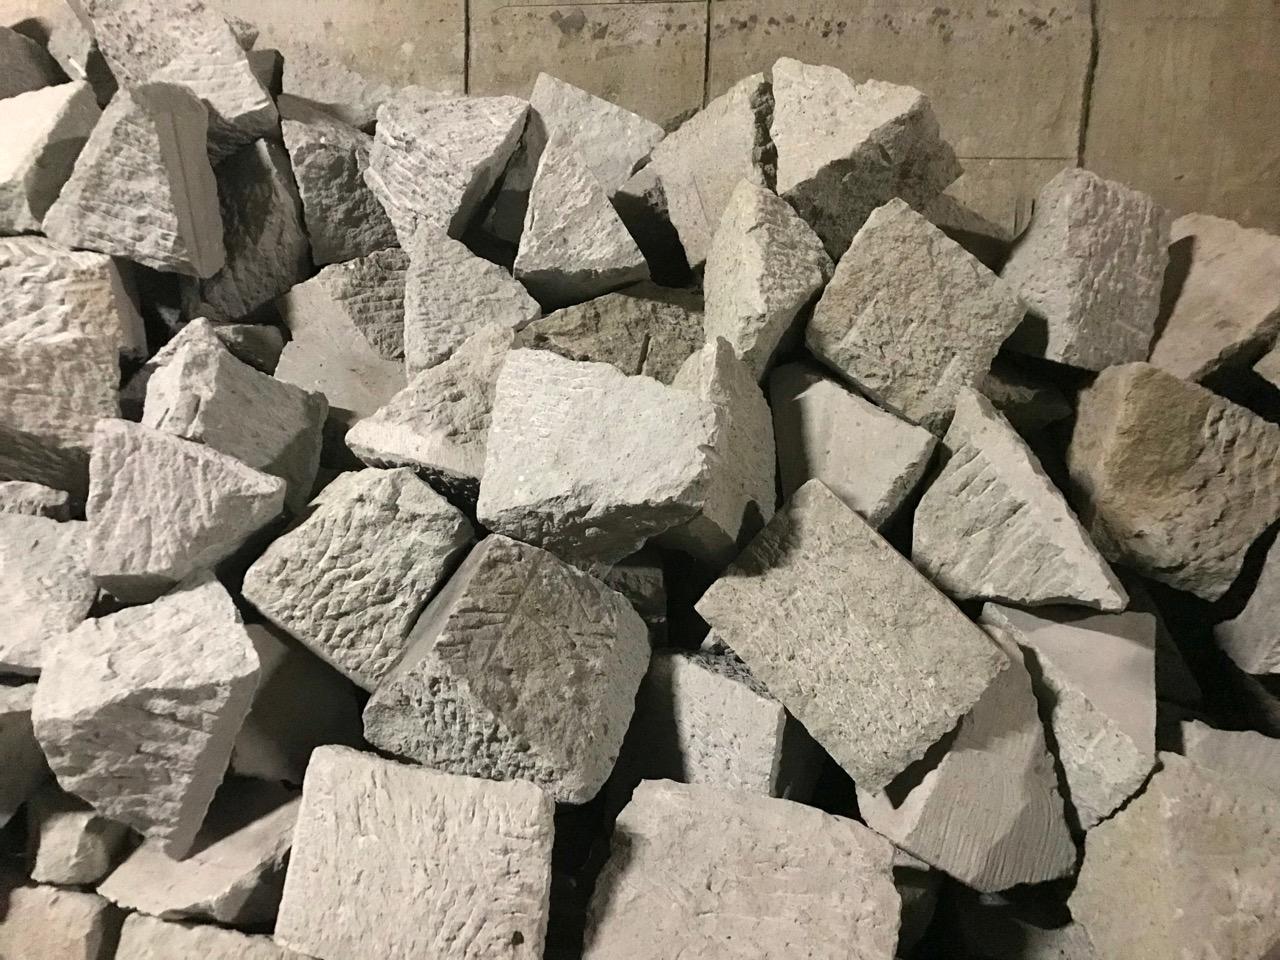 滝ヶ原石切り場から切り出された石